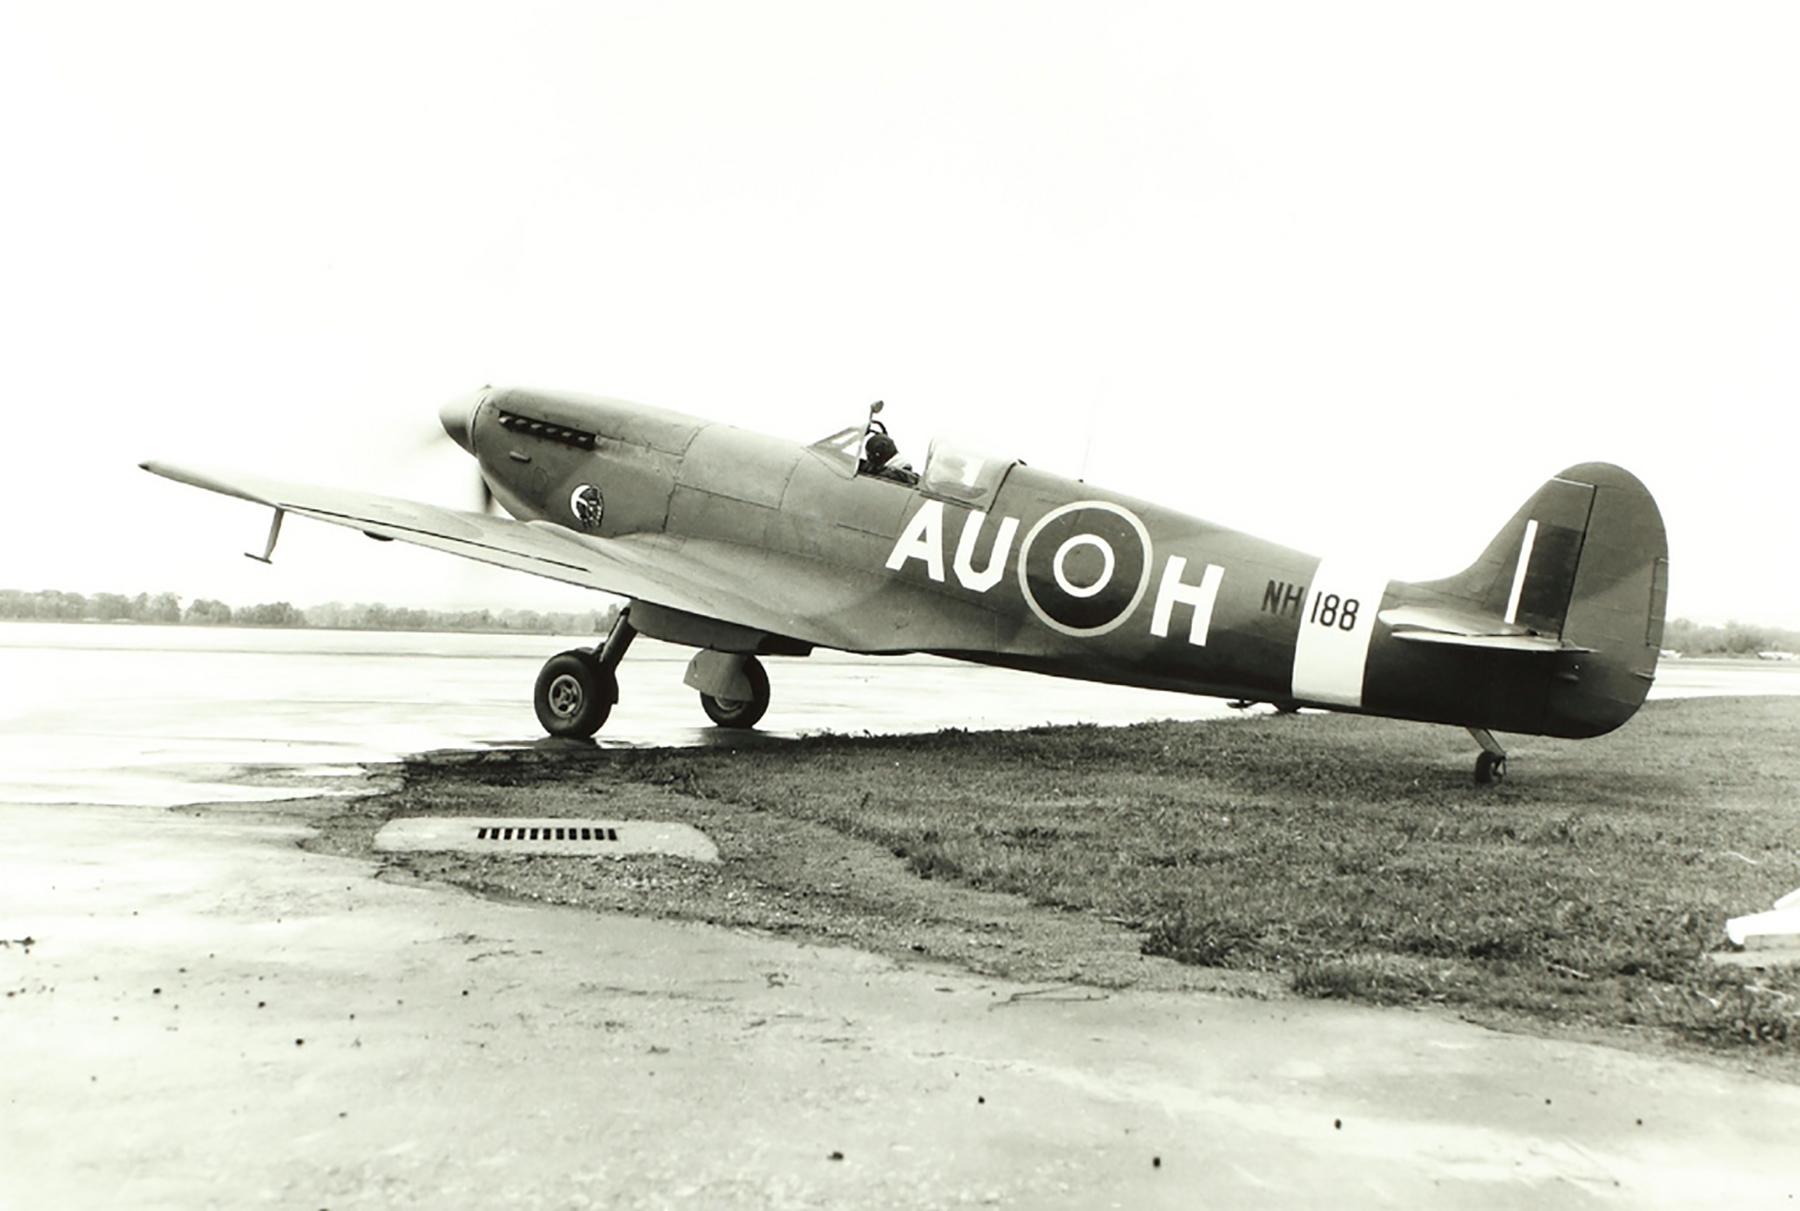 Spitfire LFIX RCAF 421Sqn AUH NH188 02